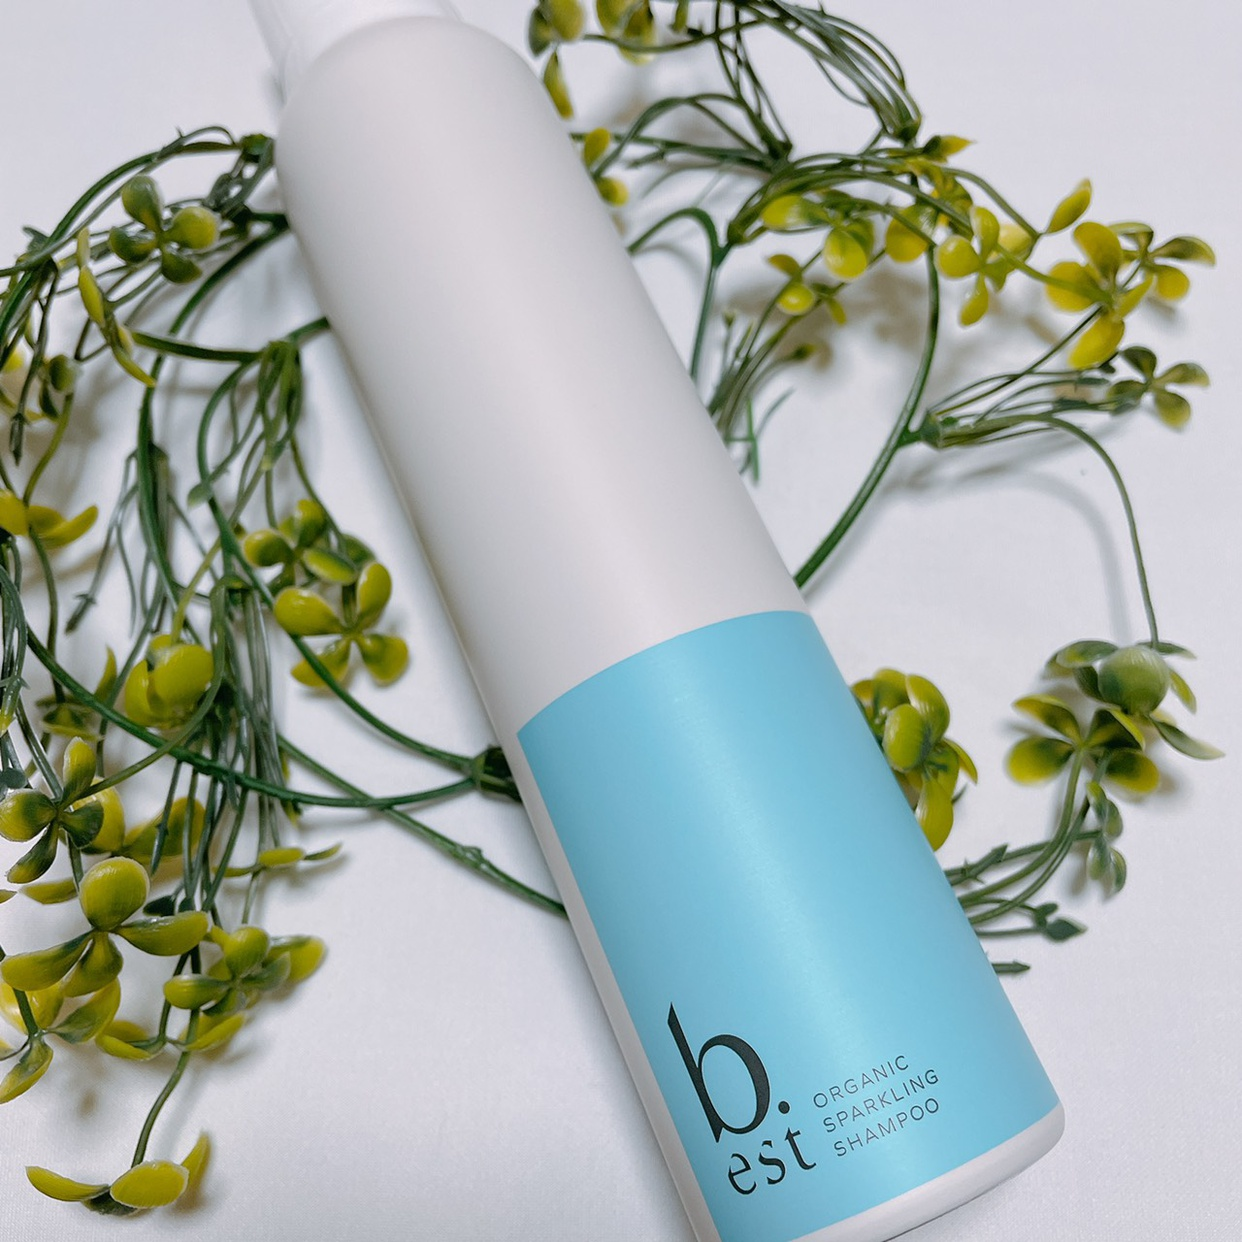 b.est(ビーエスト)organic sparkling shampooを使ったおやついりこさんのクチコミ画像